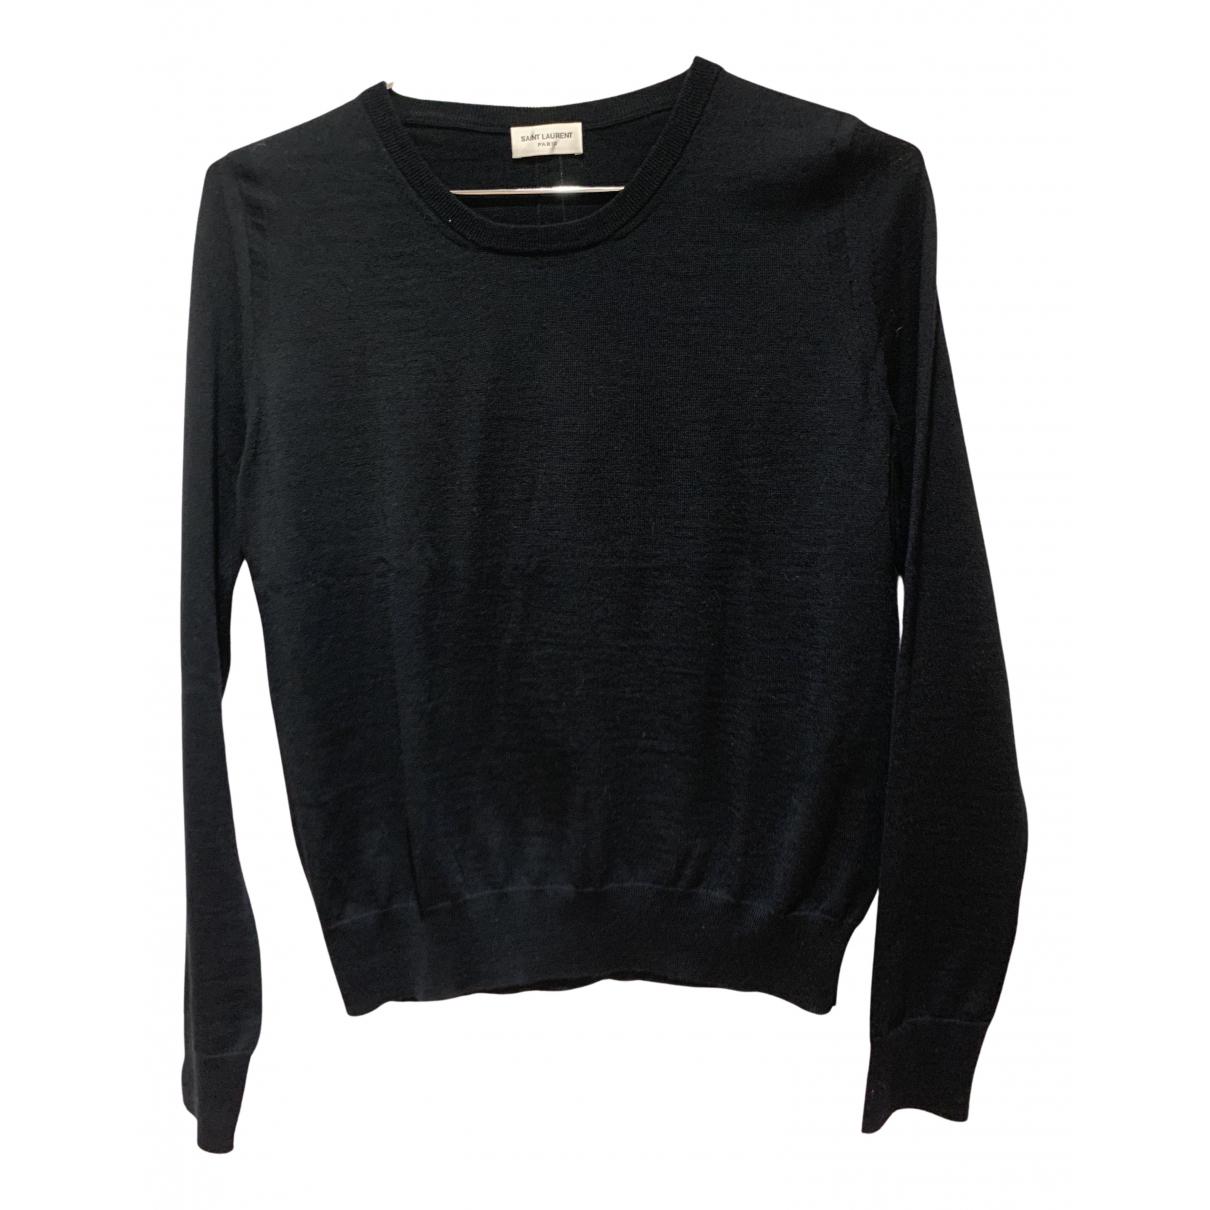 Saint Laurent N Black Wool Knitwear for Women 34 FR